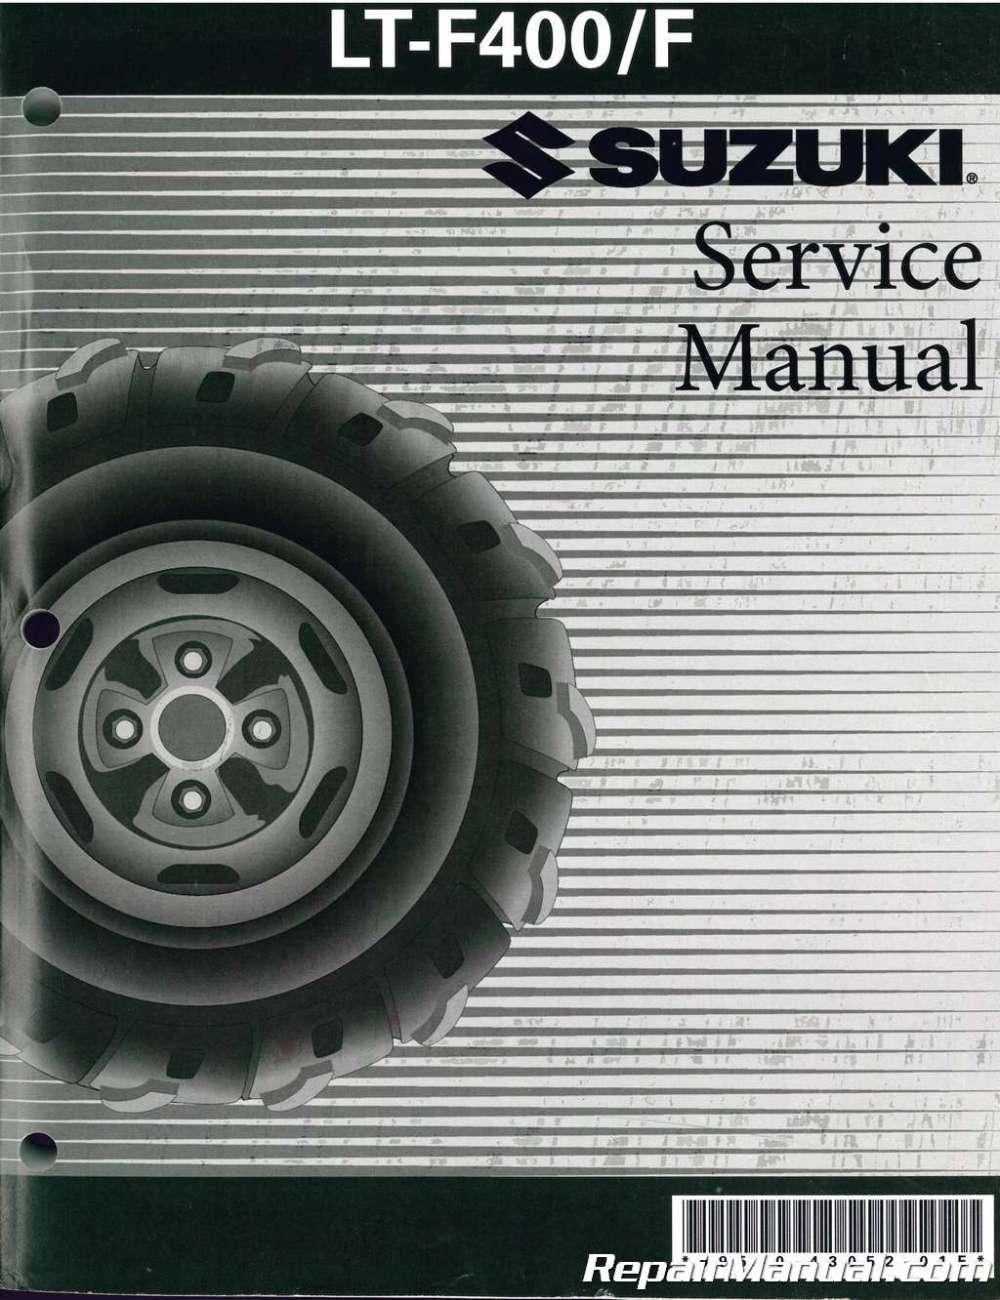 medium resolution of suzuki eiger lt f400 lt400f atv online service manual suzuki eiger 400 quad 2005 suzuki eiger 400 4x4 parts diagram suzuki auto altcar